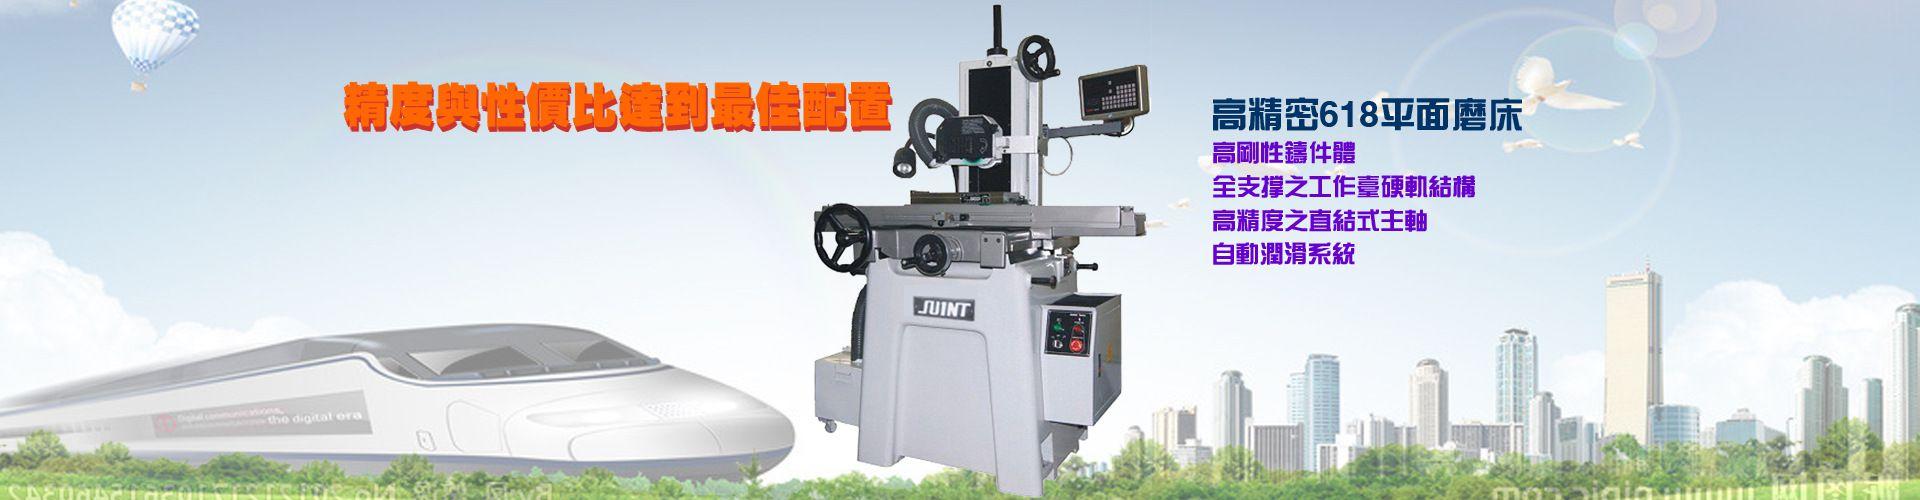 钜正机械工业(深圳)有限公司